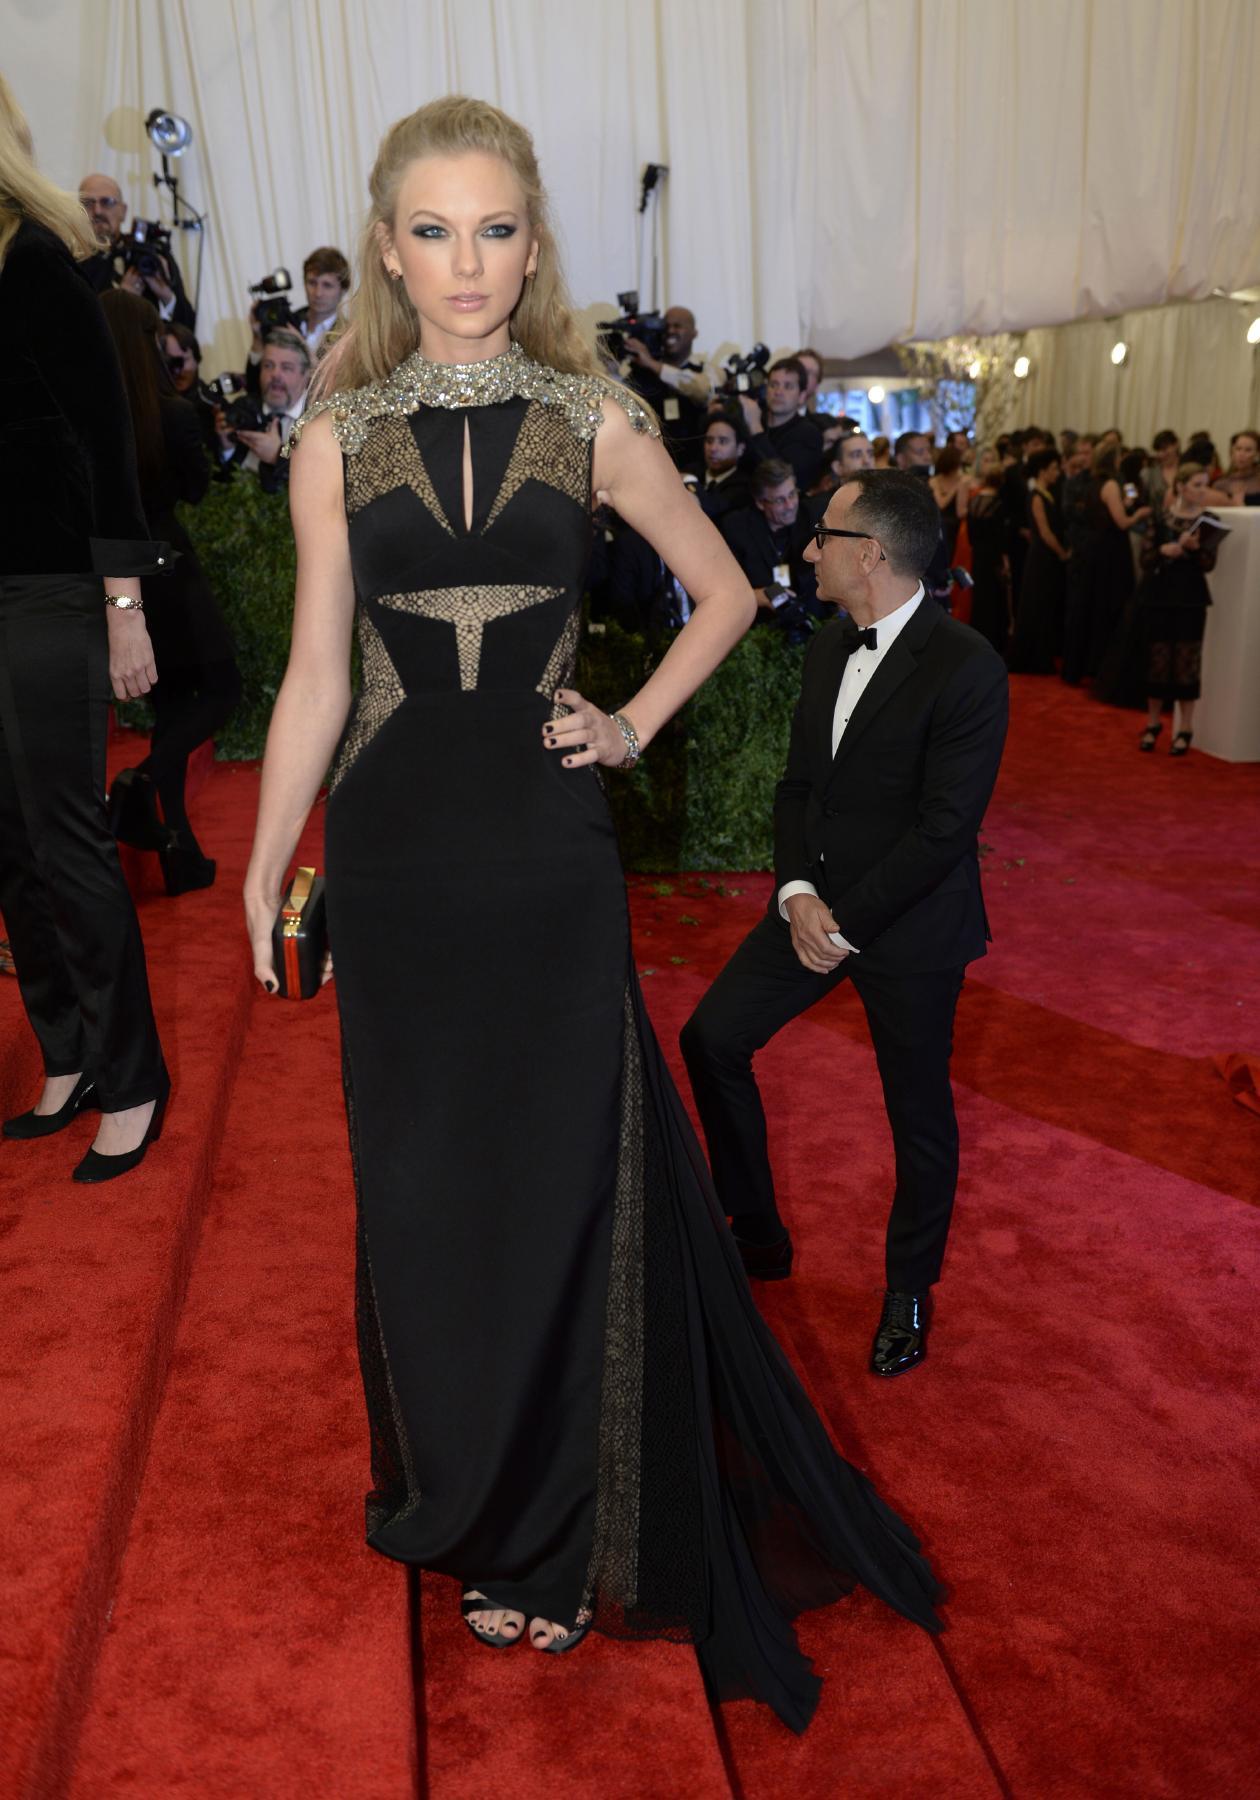 Taylor Swift in J.Mendel